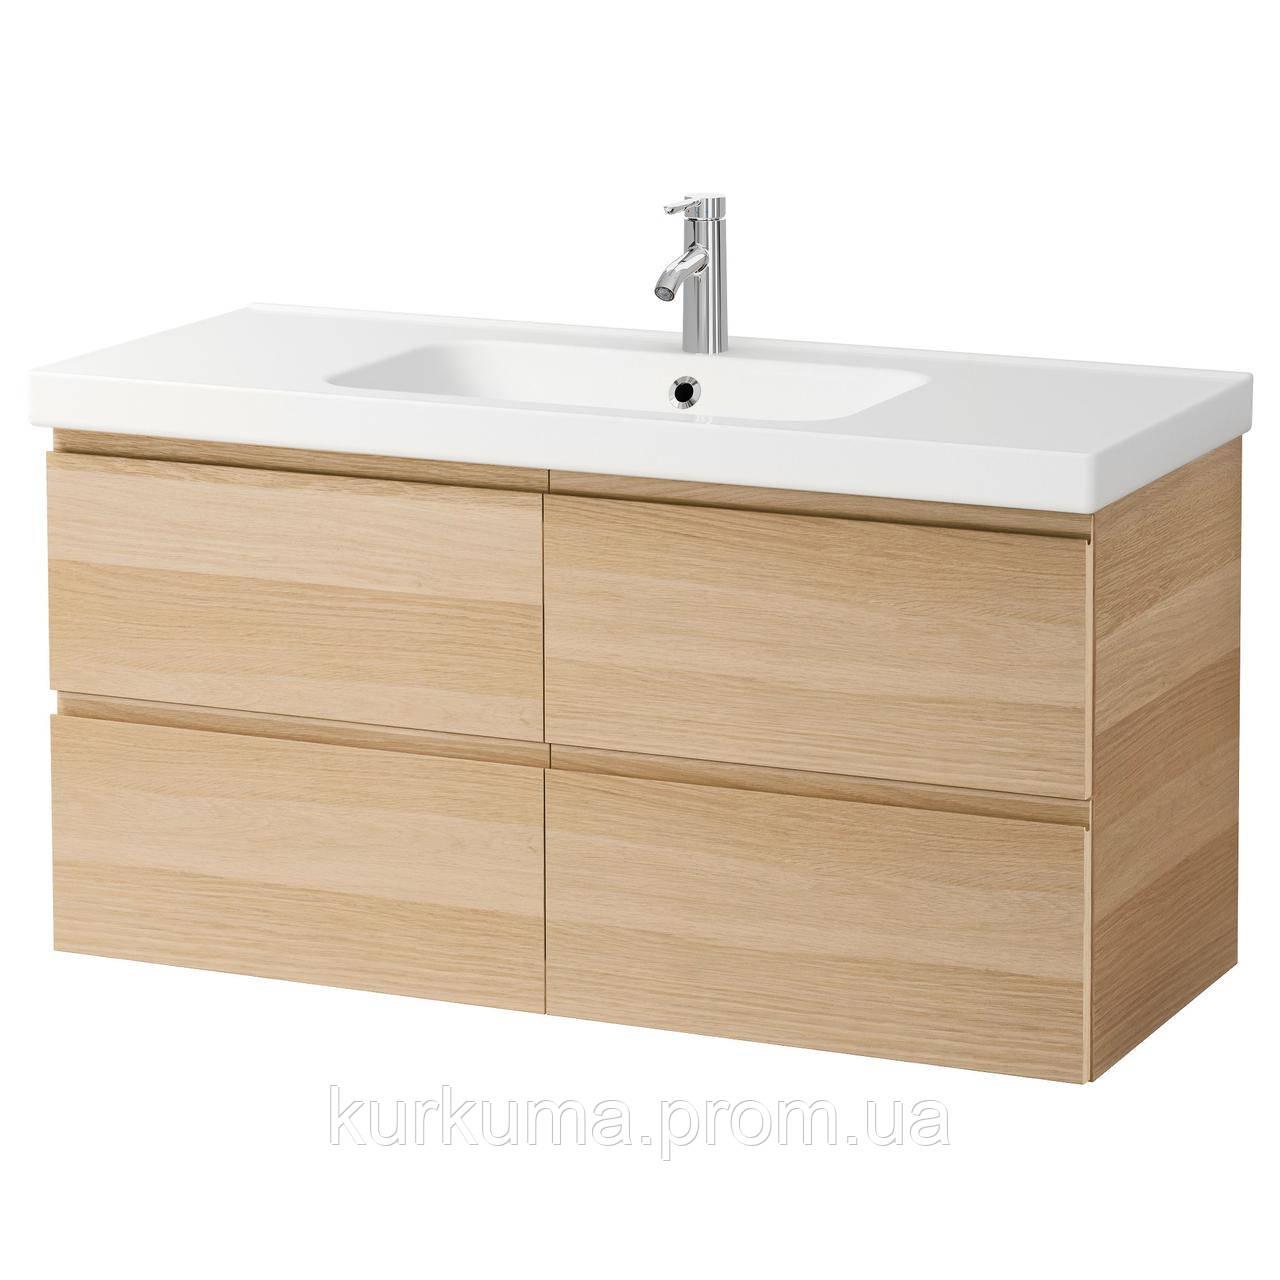 IKEA GODMORGON/ODENSVIK Шкаф под умывальник с раковиной, Дуб беленый  (391.865.92)